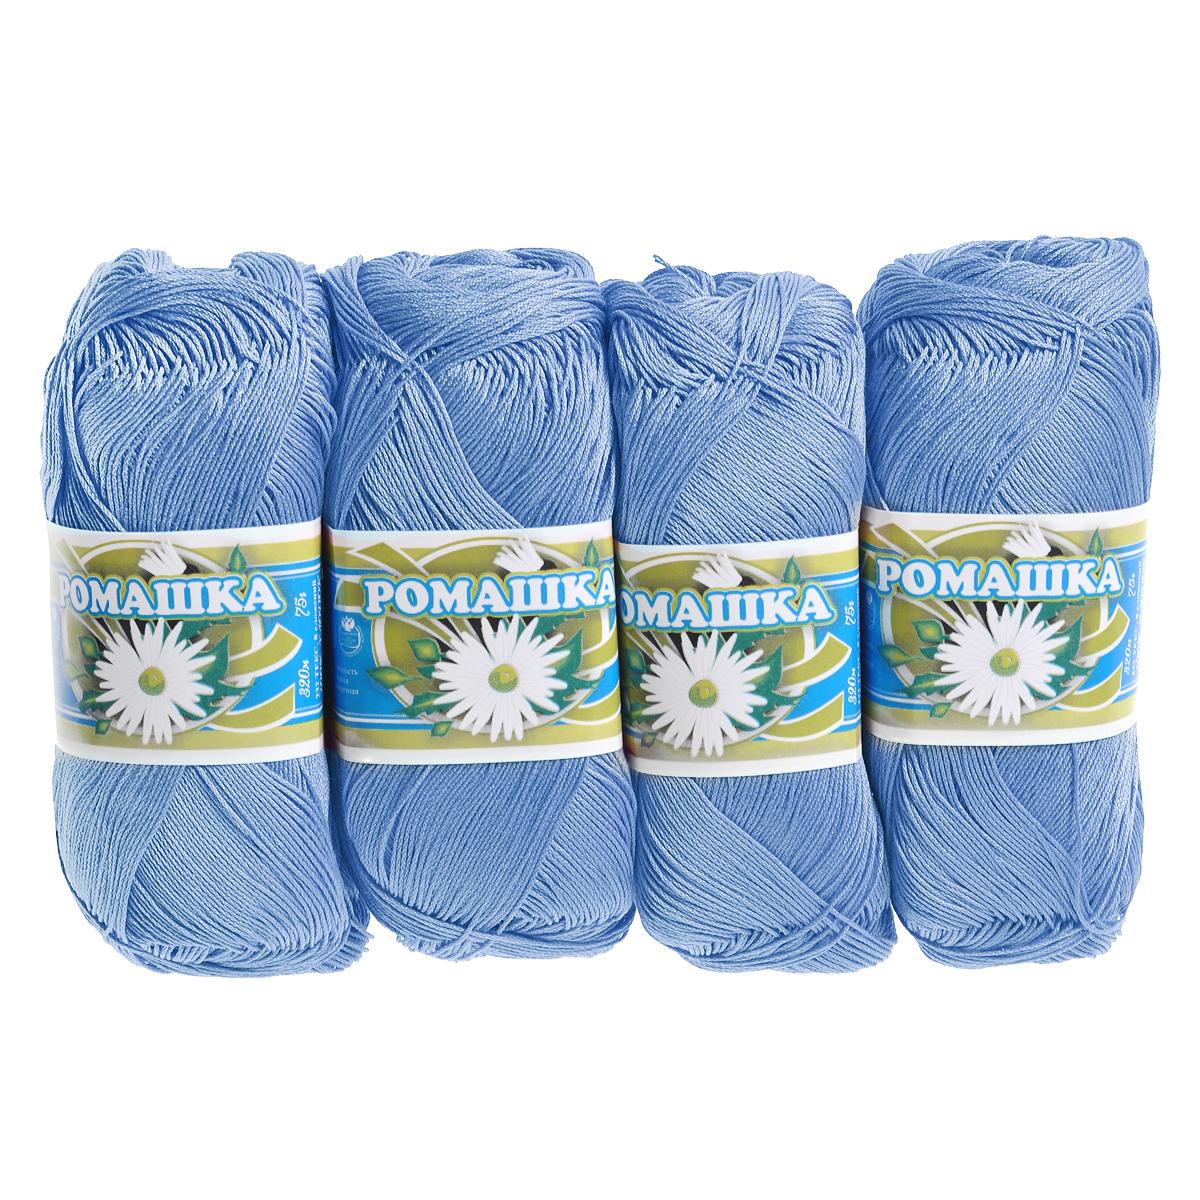 Нитки вязальные Ромашка, хлопчатобумажные, цвет: голубой (2706), 320 м, 75 г, 4 шт0211302101778